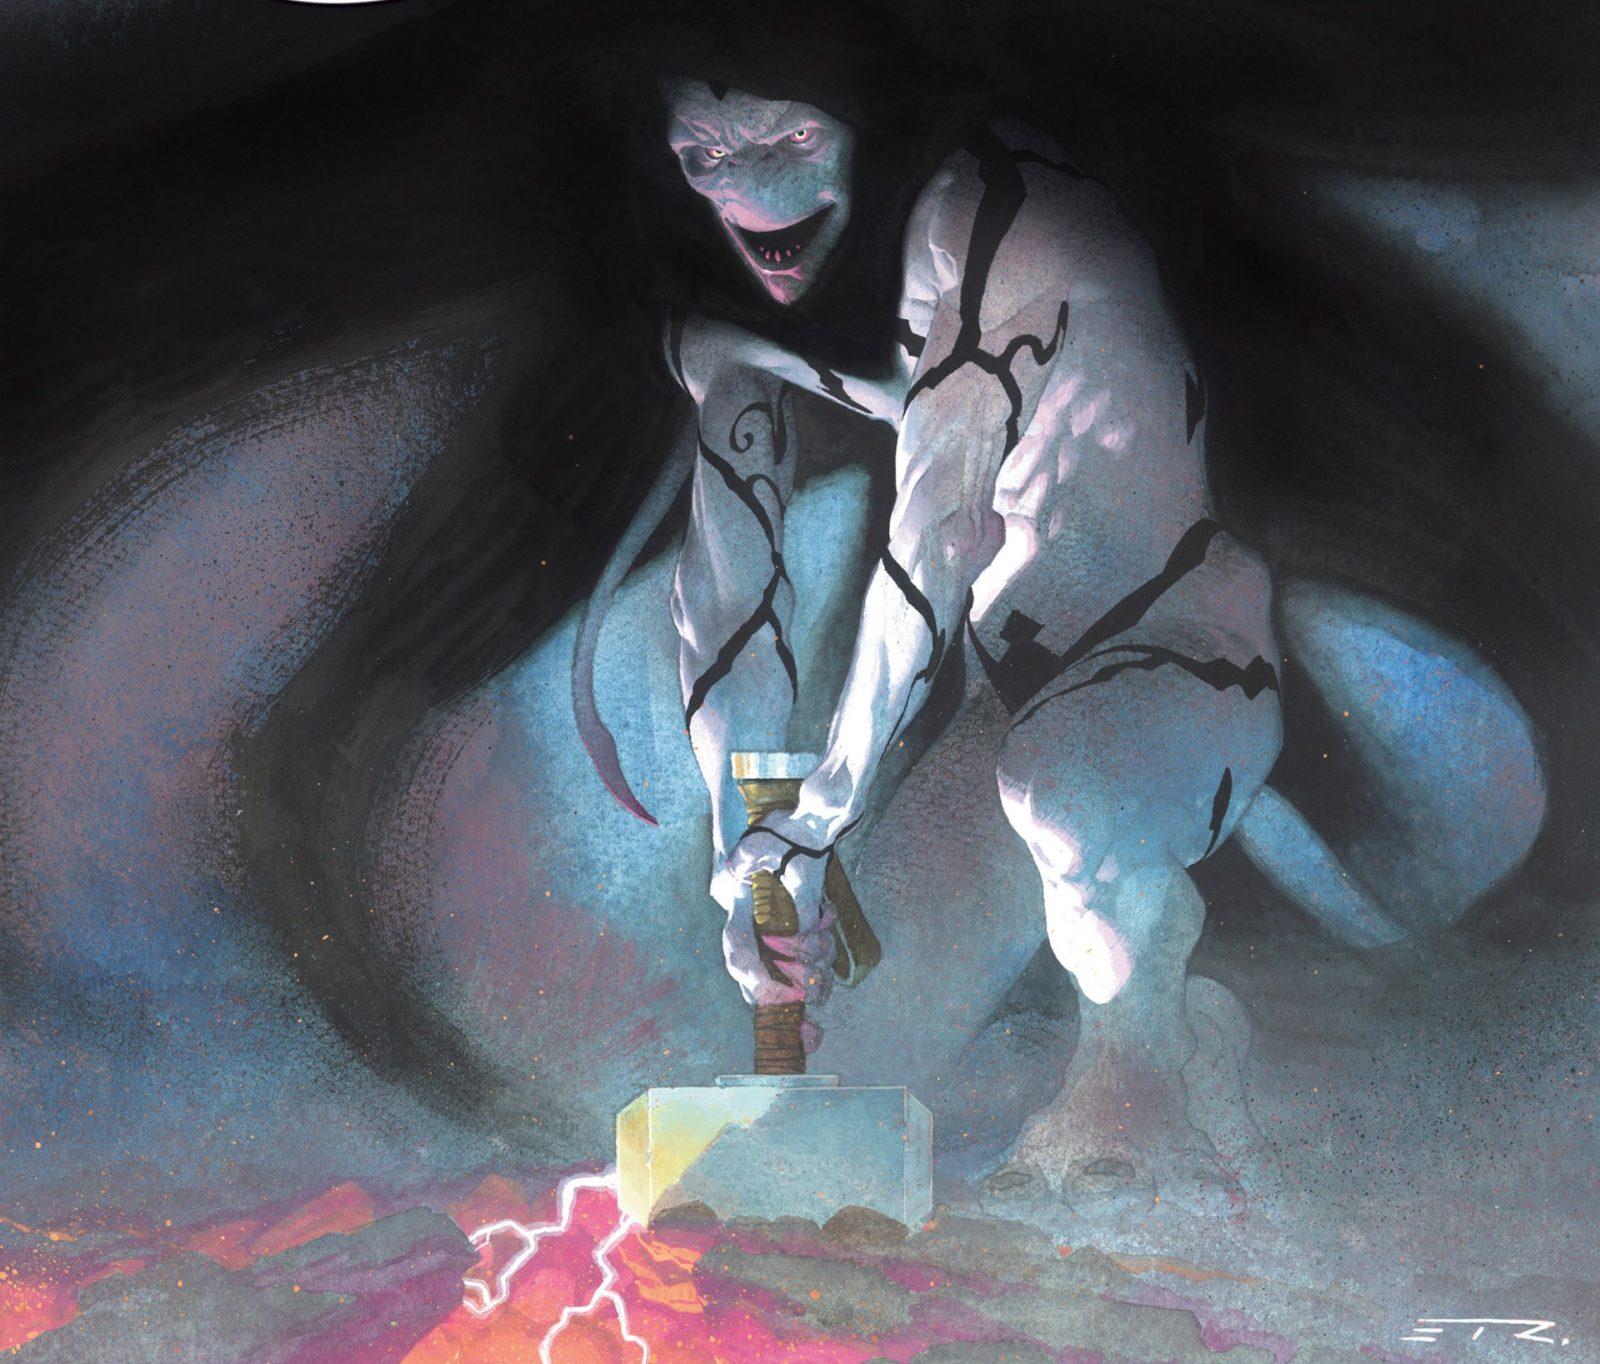 Кто такой Горр, Убийца Богов, с которым сразится Тор в новом фильме?